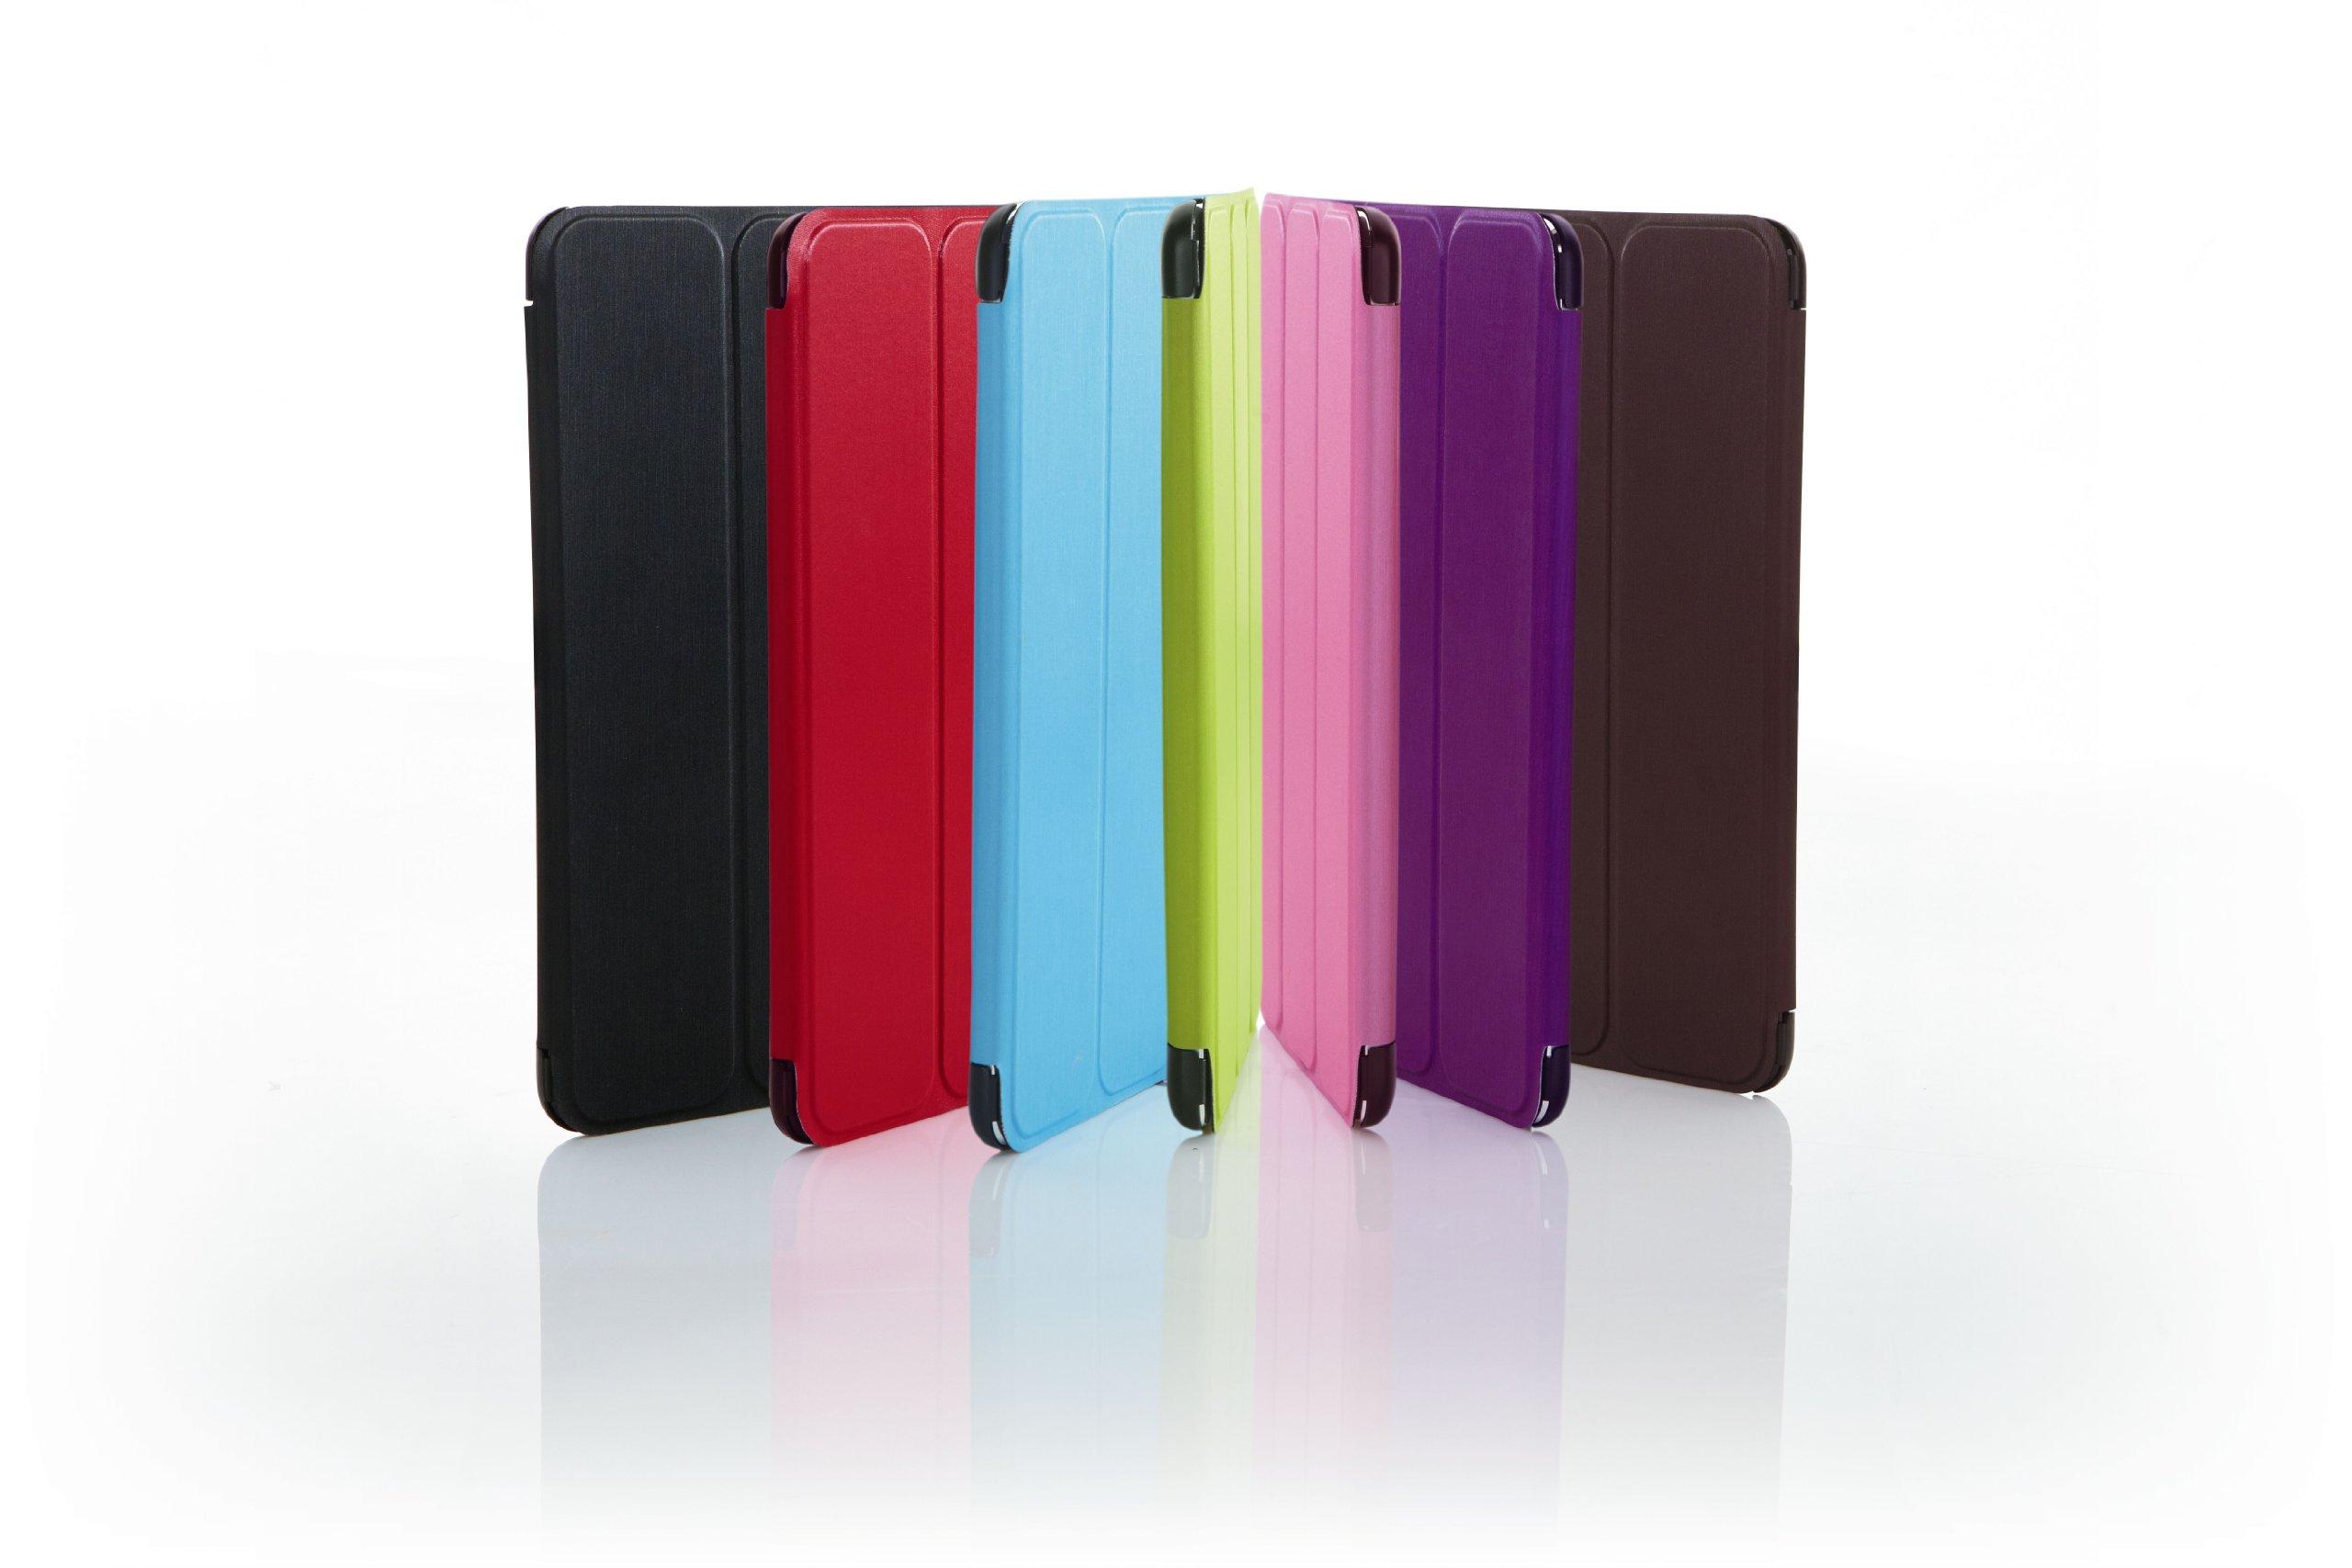 Verbatim Folio Flex Case for iPad Mini (1,2,3), Mocha 98373 by Verbatim (Image #5)